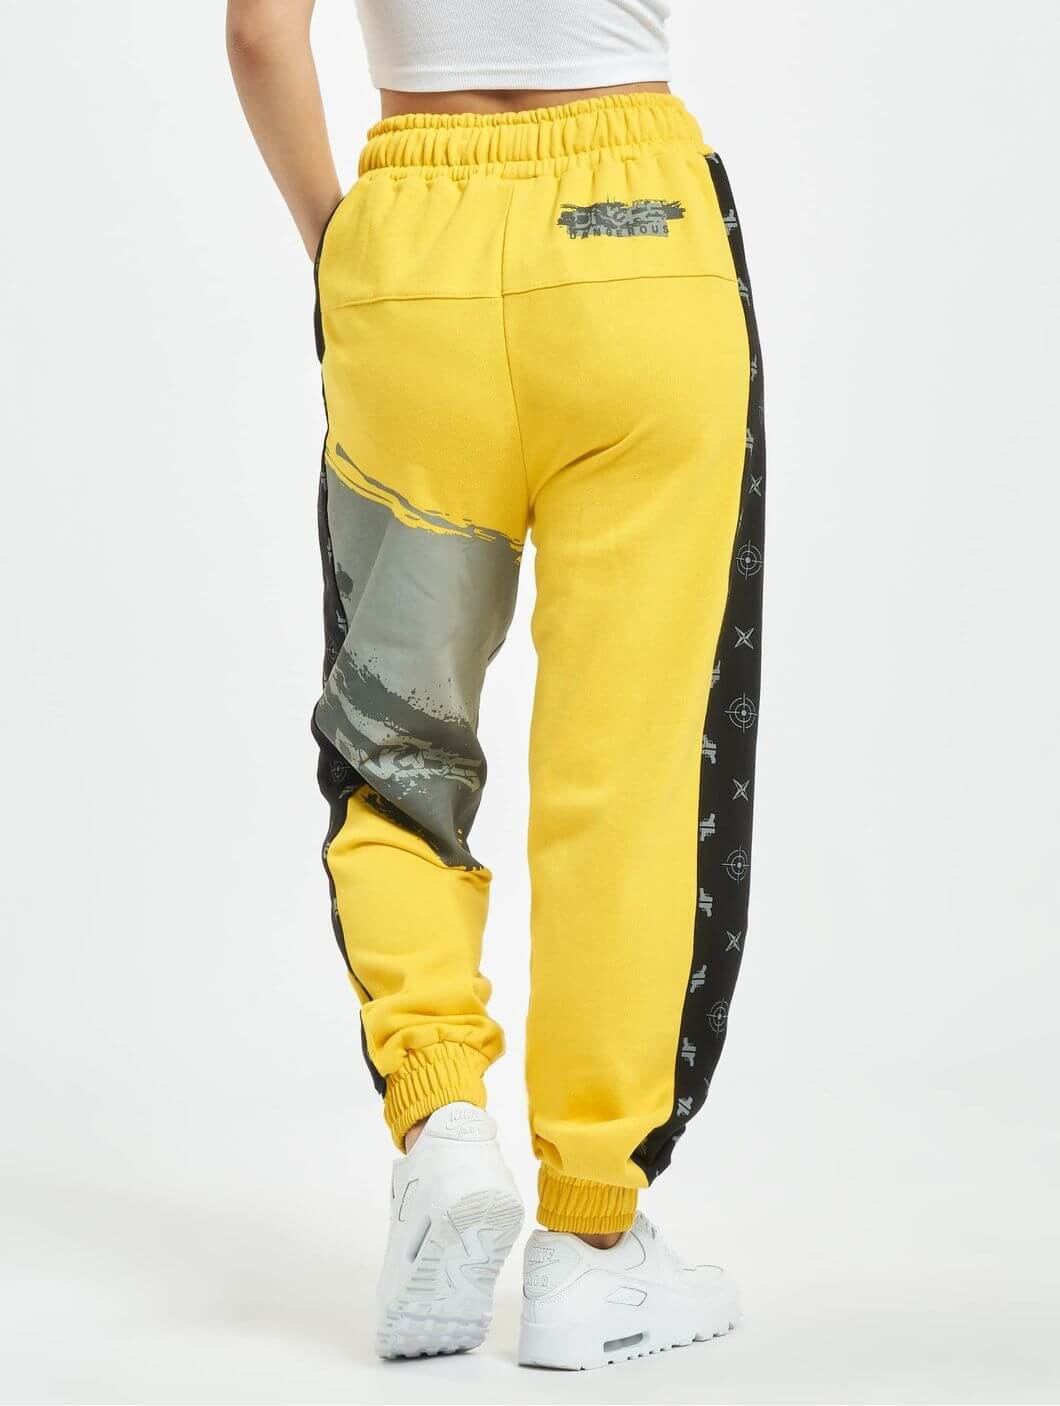 Спортивный костюм для женщин и девушек желтого цвета с получением в Спб